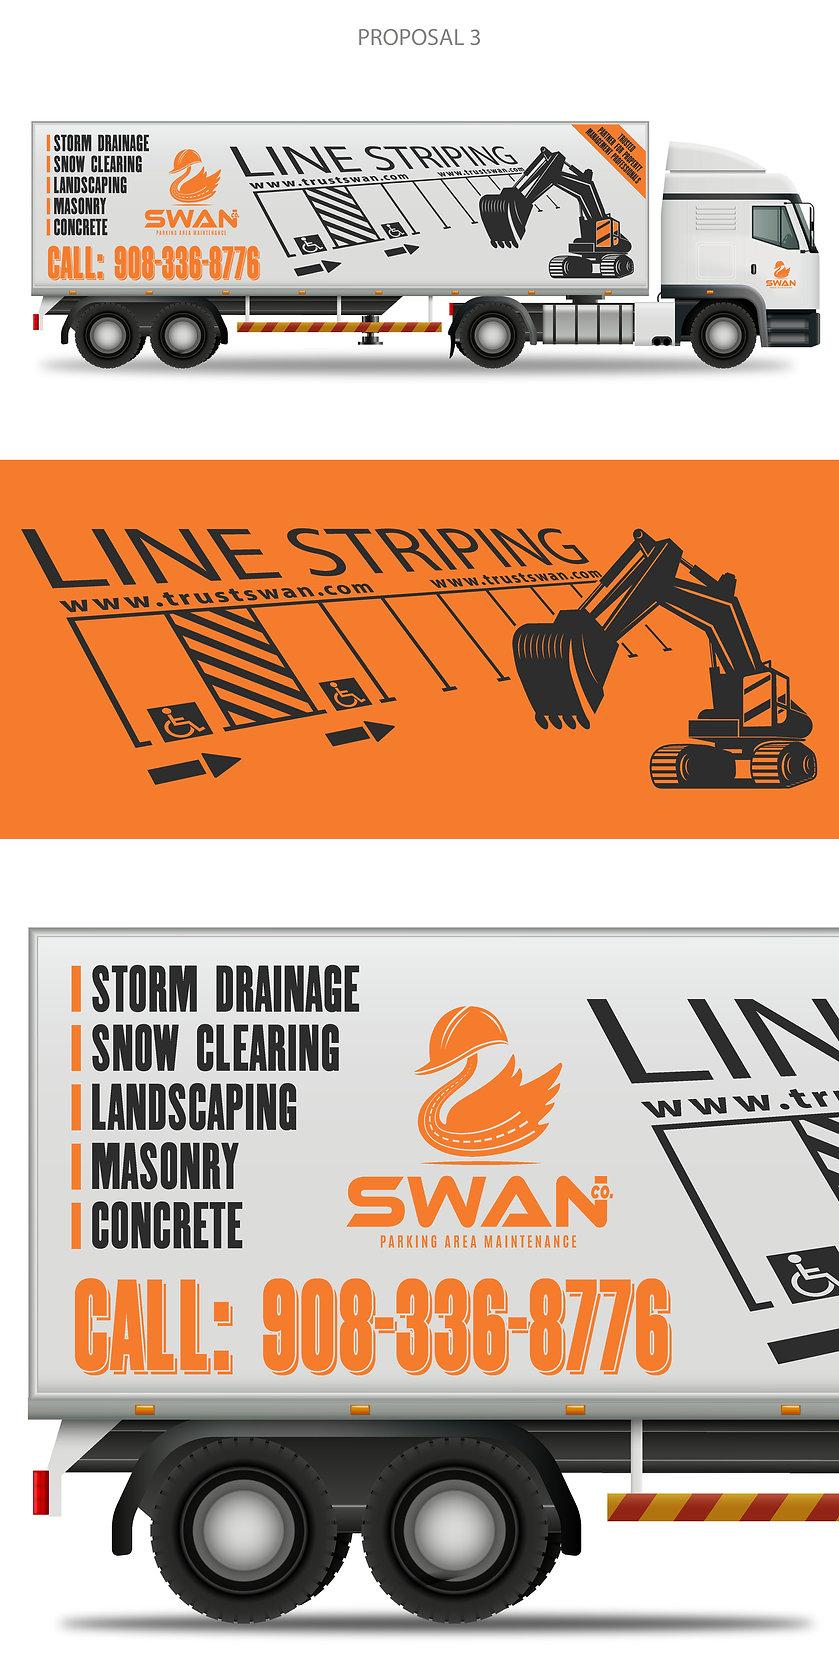 Swan-Line-Striping-3.jpg